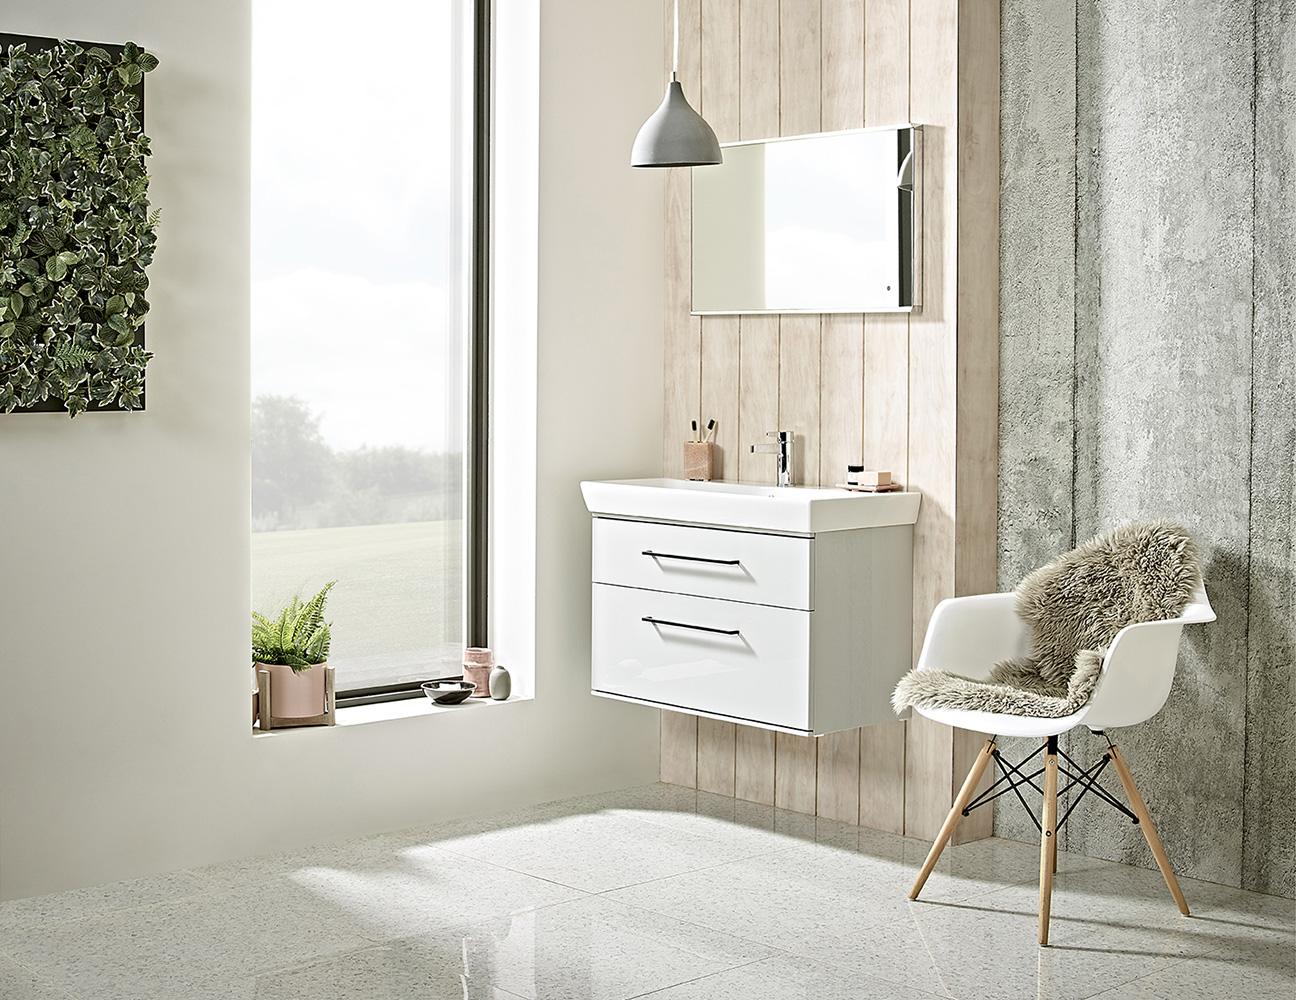 scheme bathroom glass mirror white